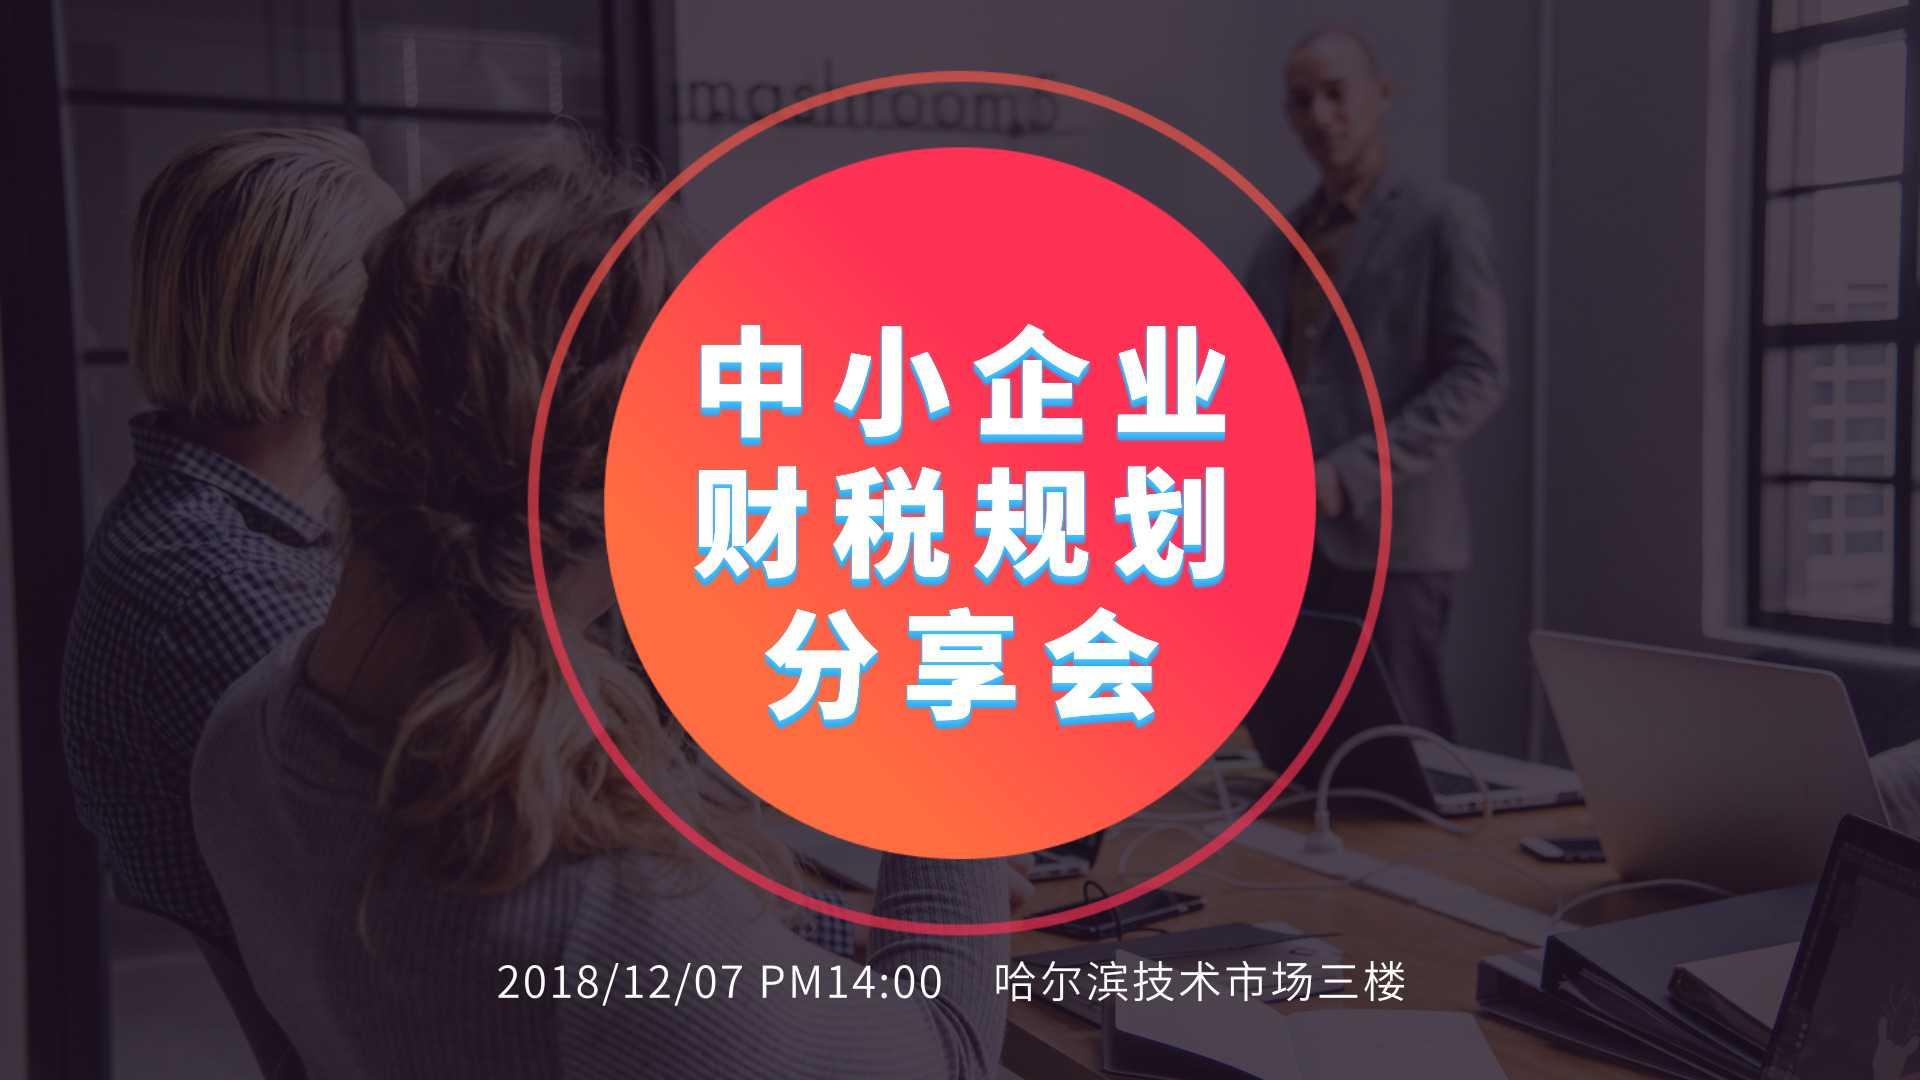 【视频回顾】中小企业财税规划分享会—哈尔滨市科技创新创业系列服务活动之(十七)